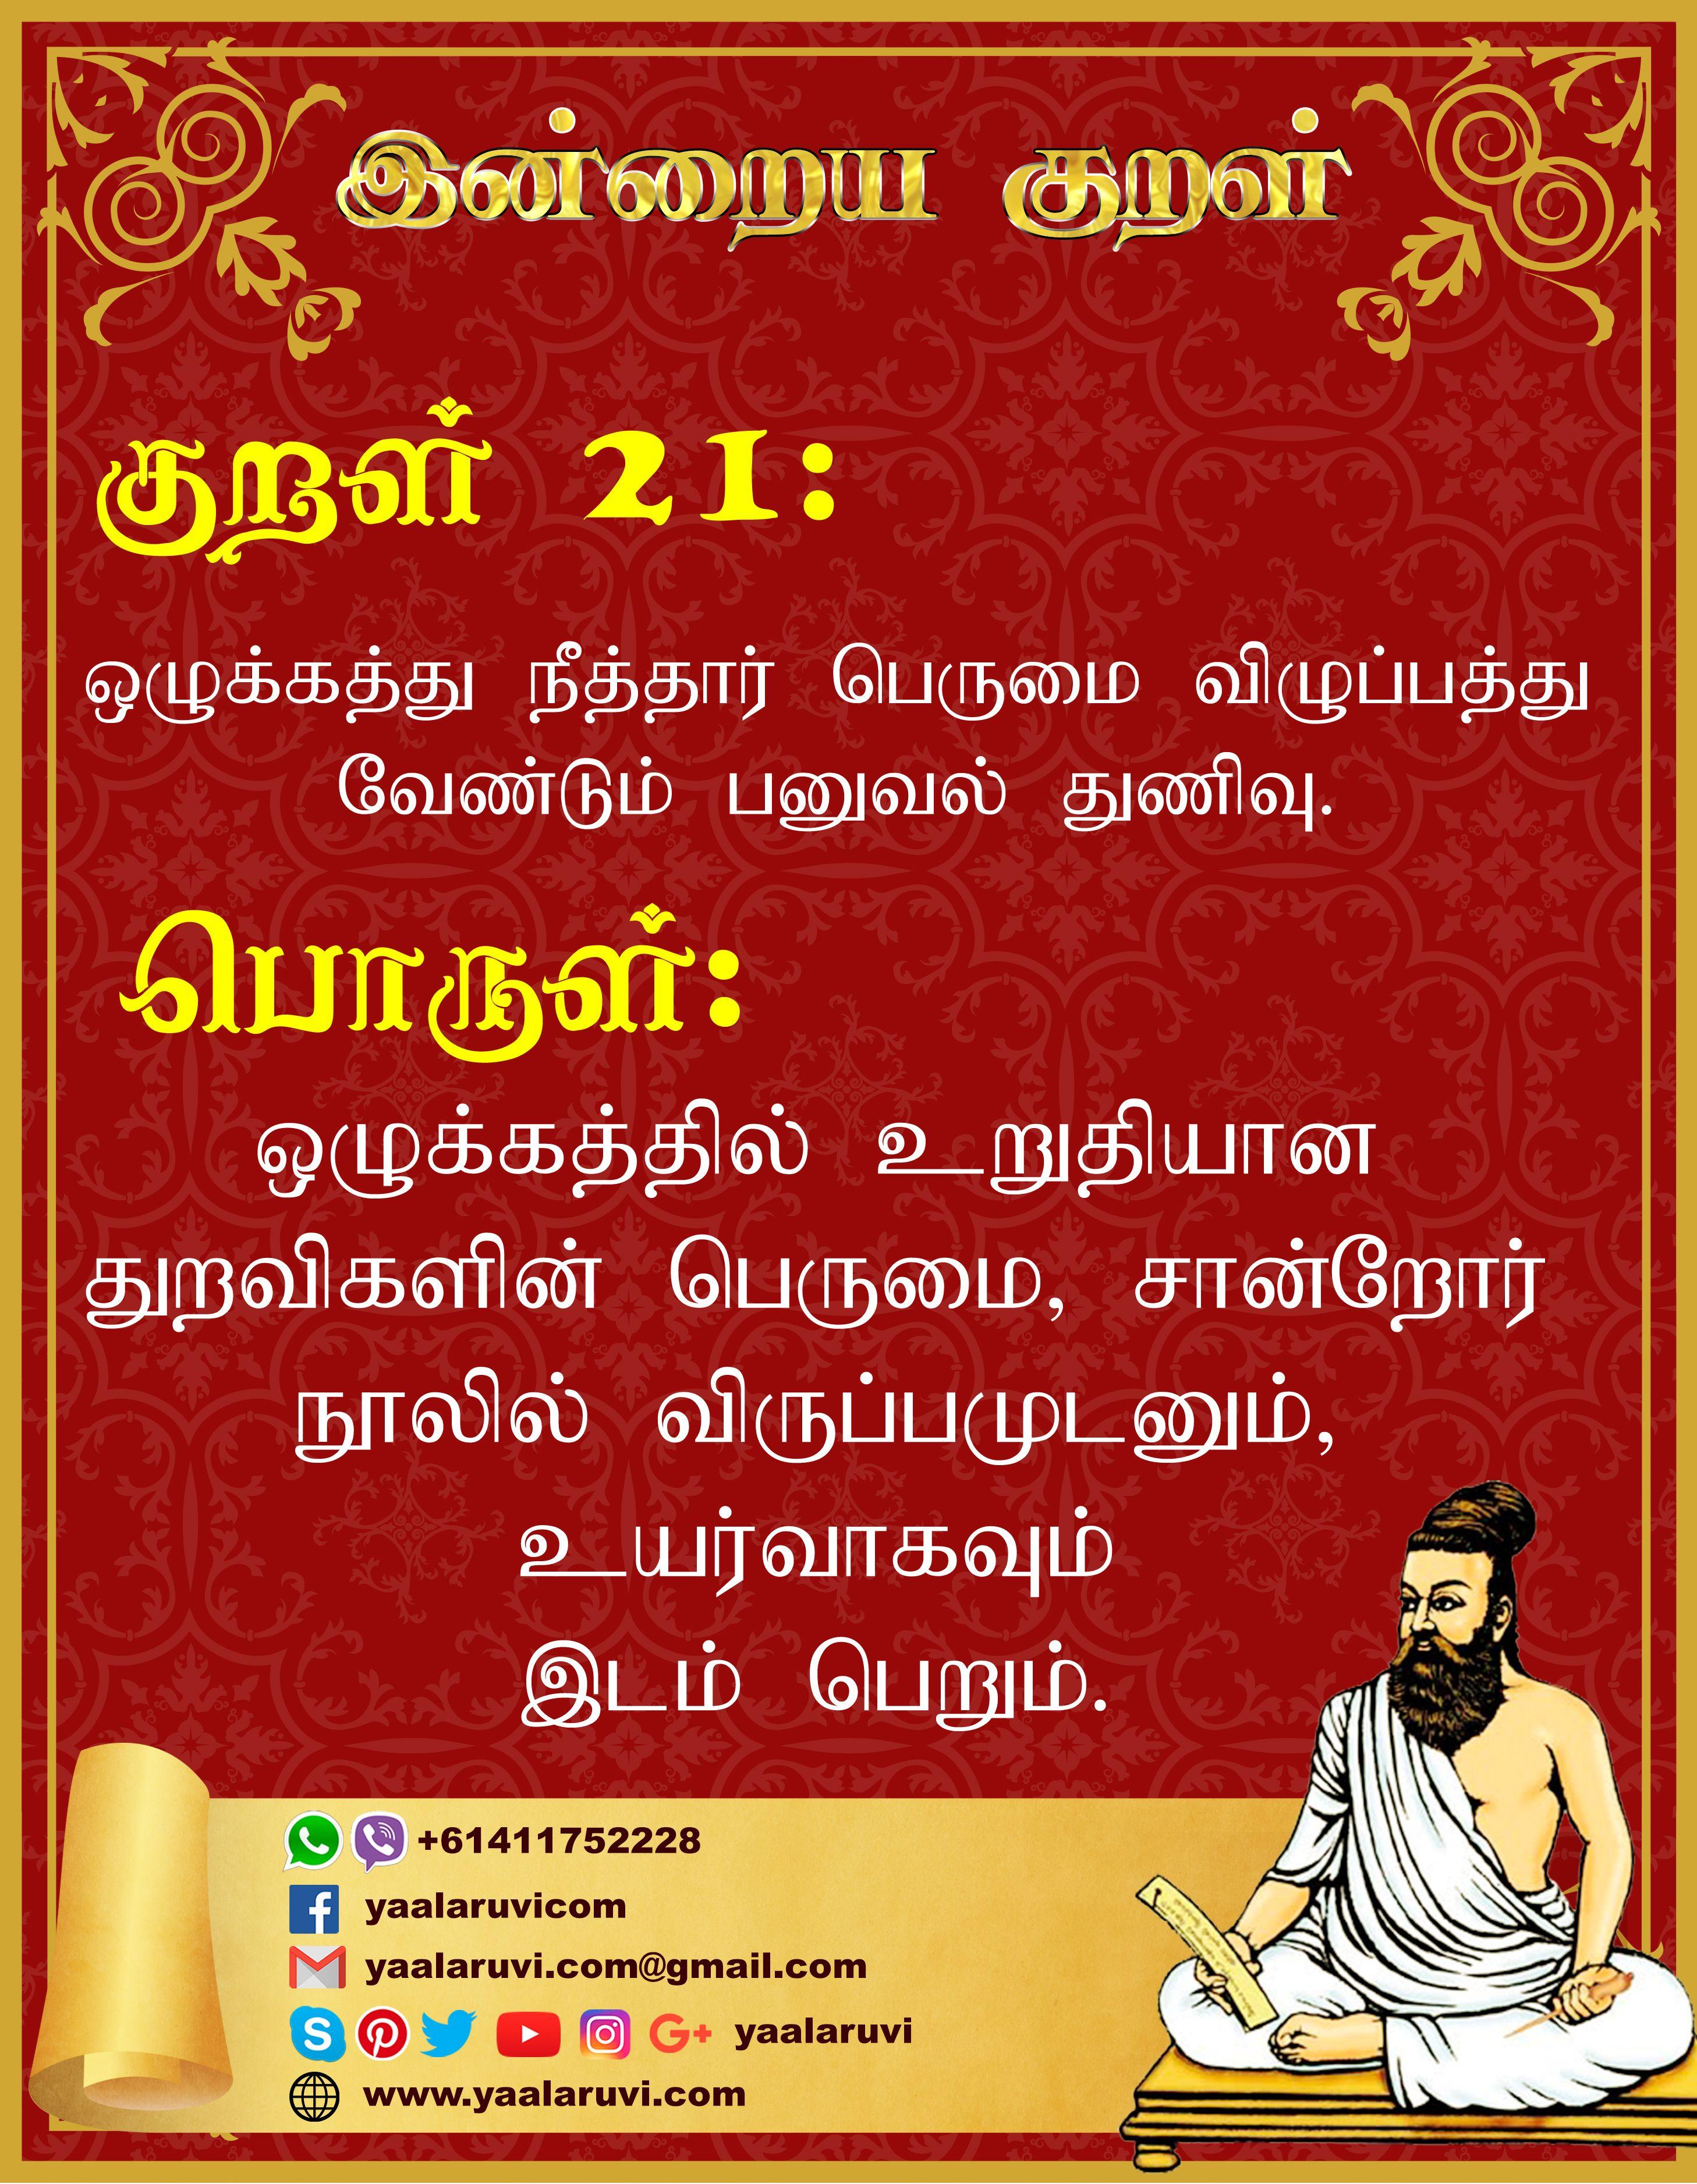 தினம் ஒரு திருக்குறள் Image quotes, Tamil